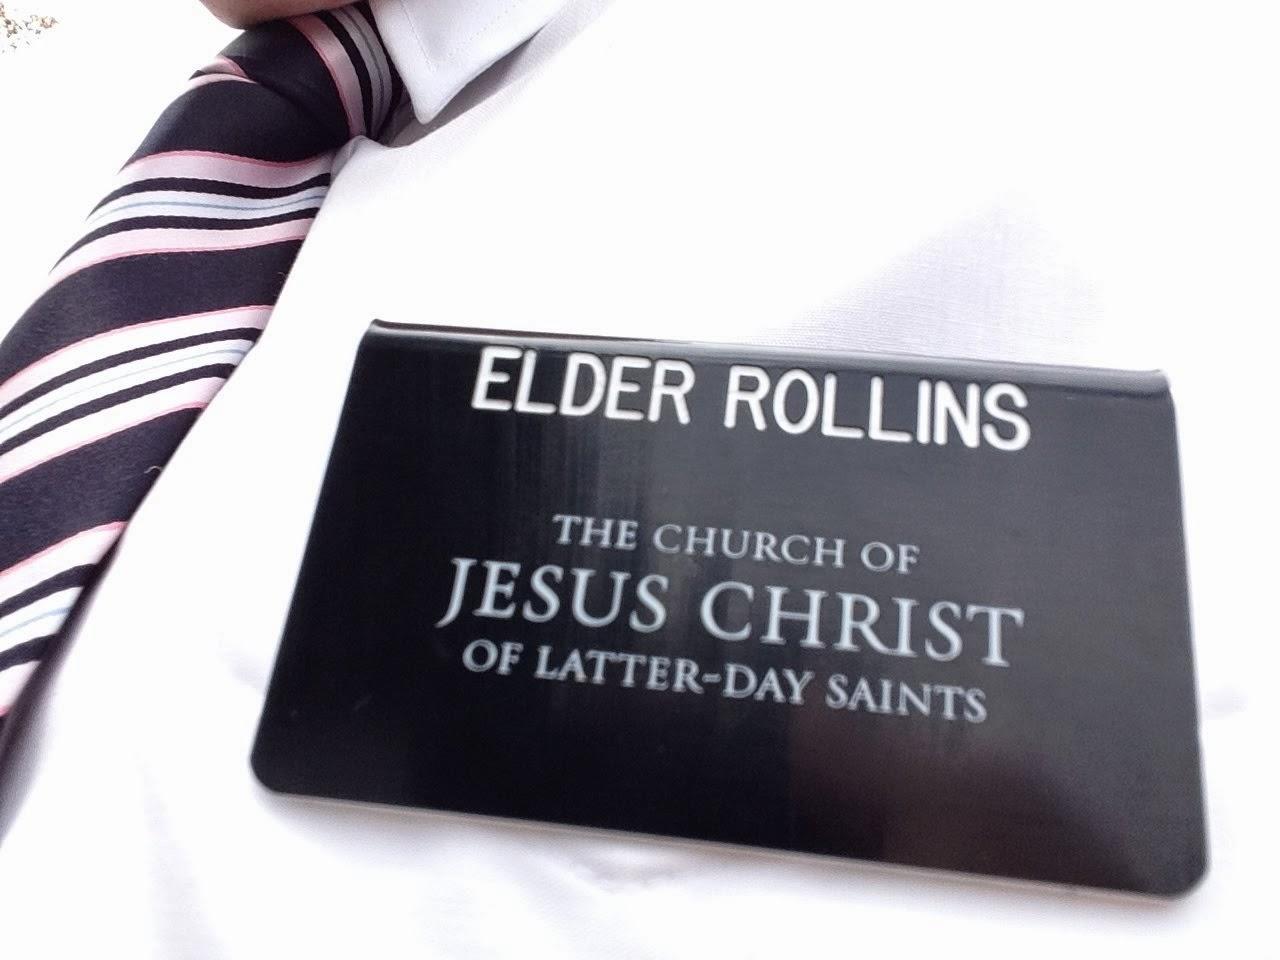 Elder Rollins